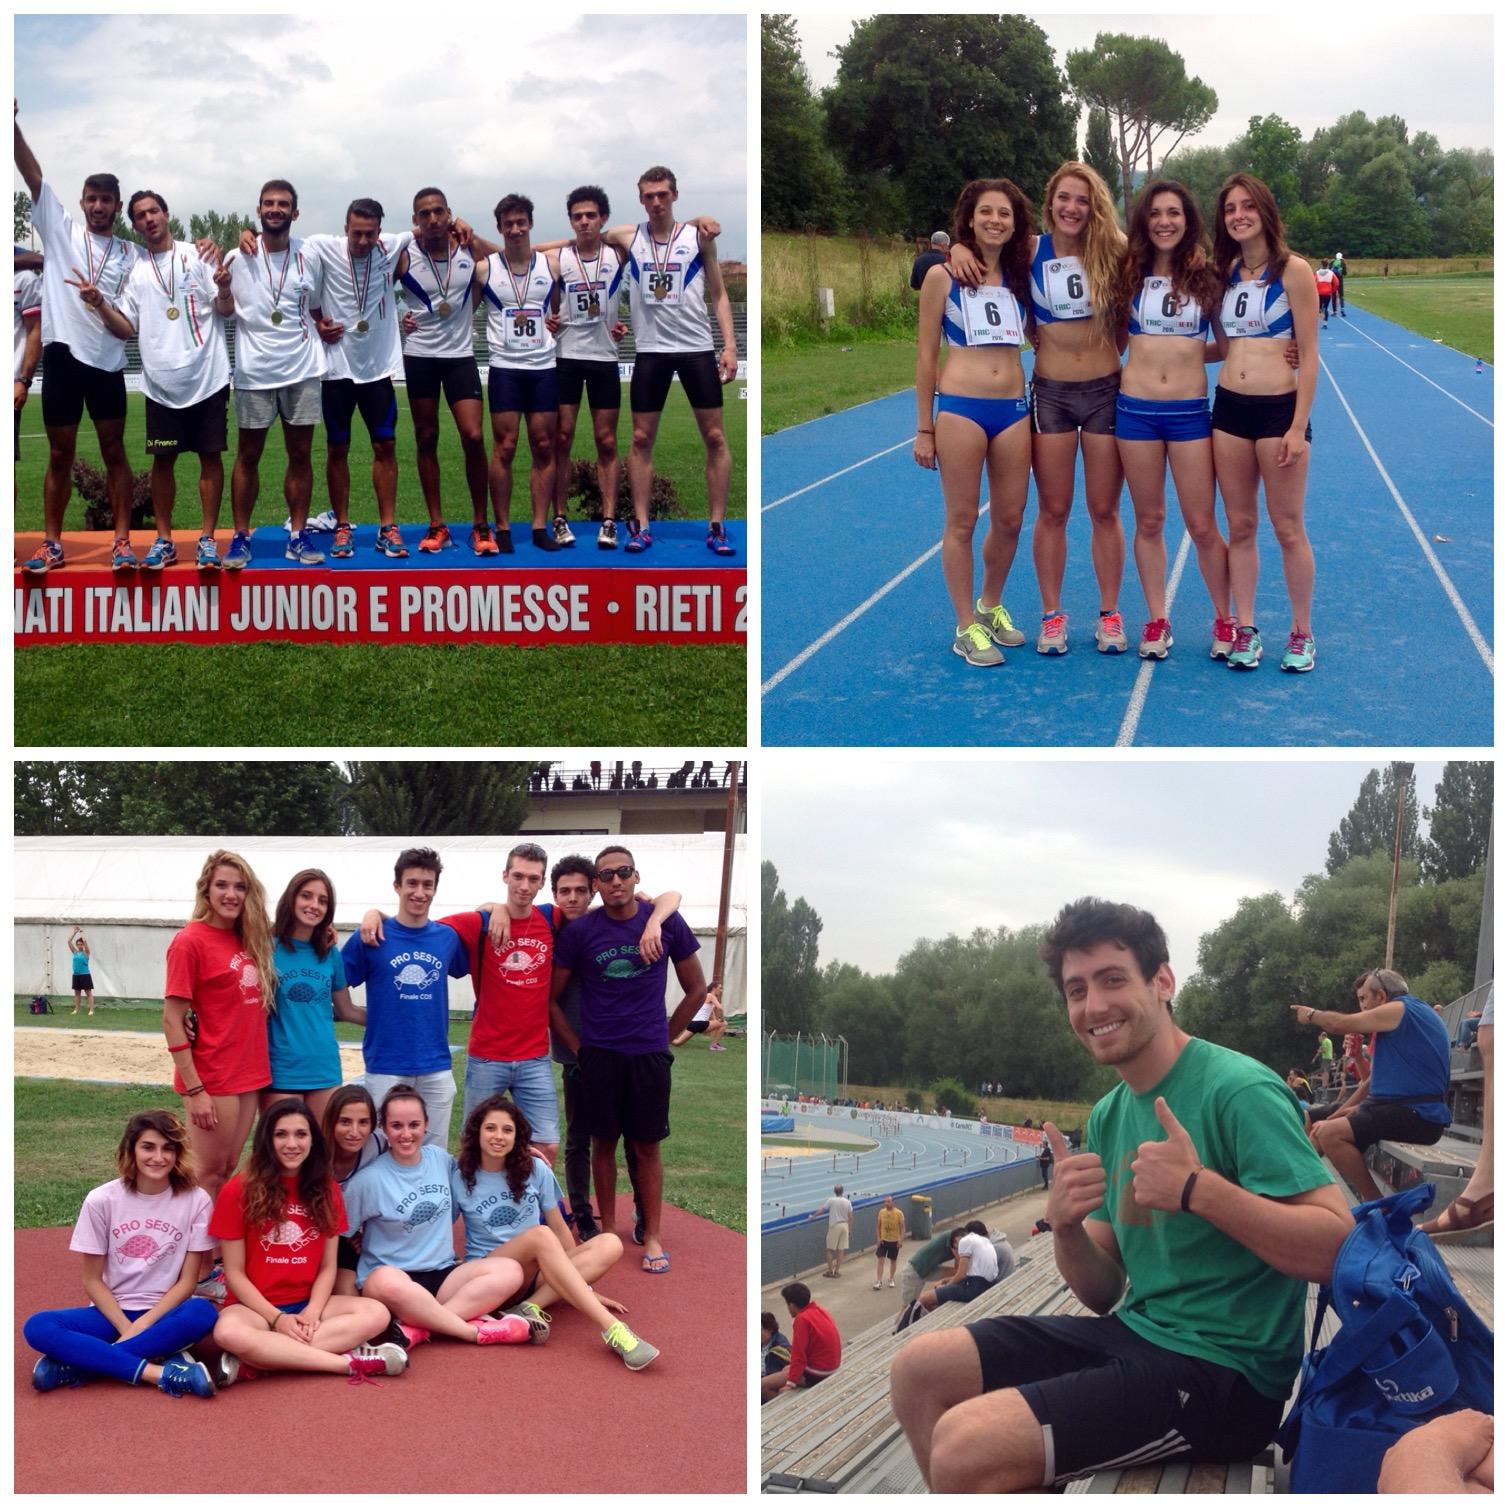 Campionati Italiani Juniores e Promesse – Rieti 12/14 Giugno –